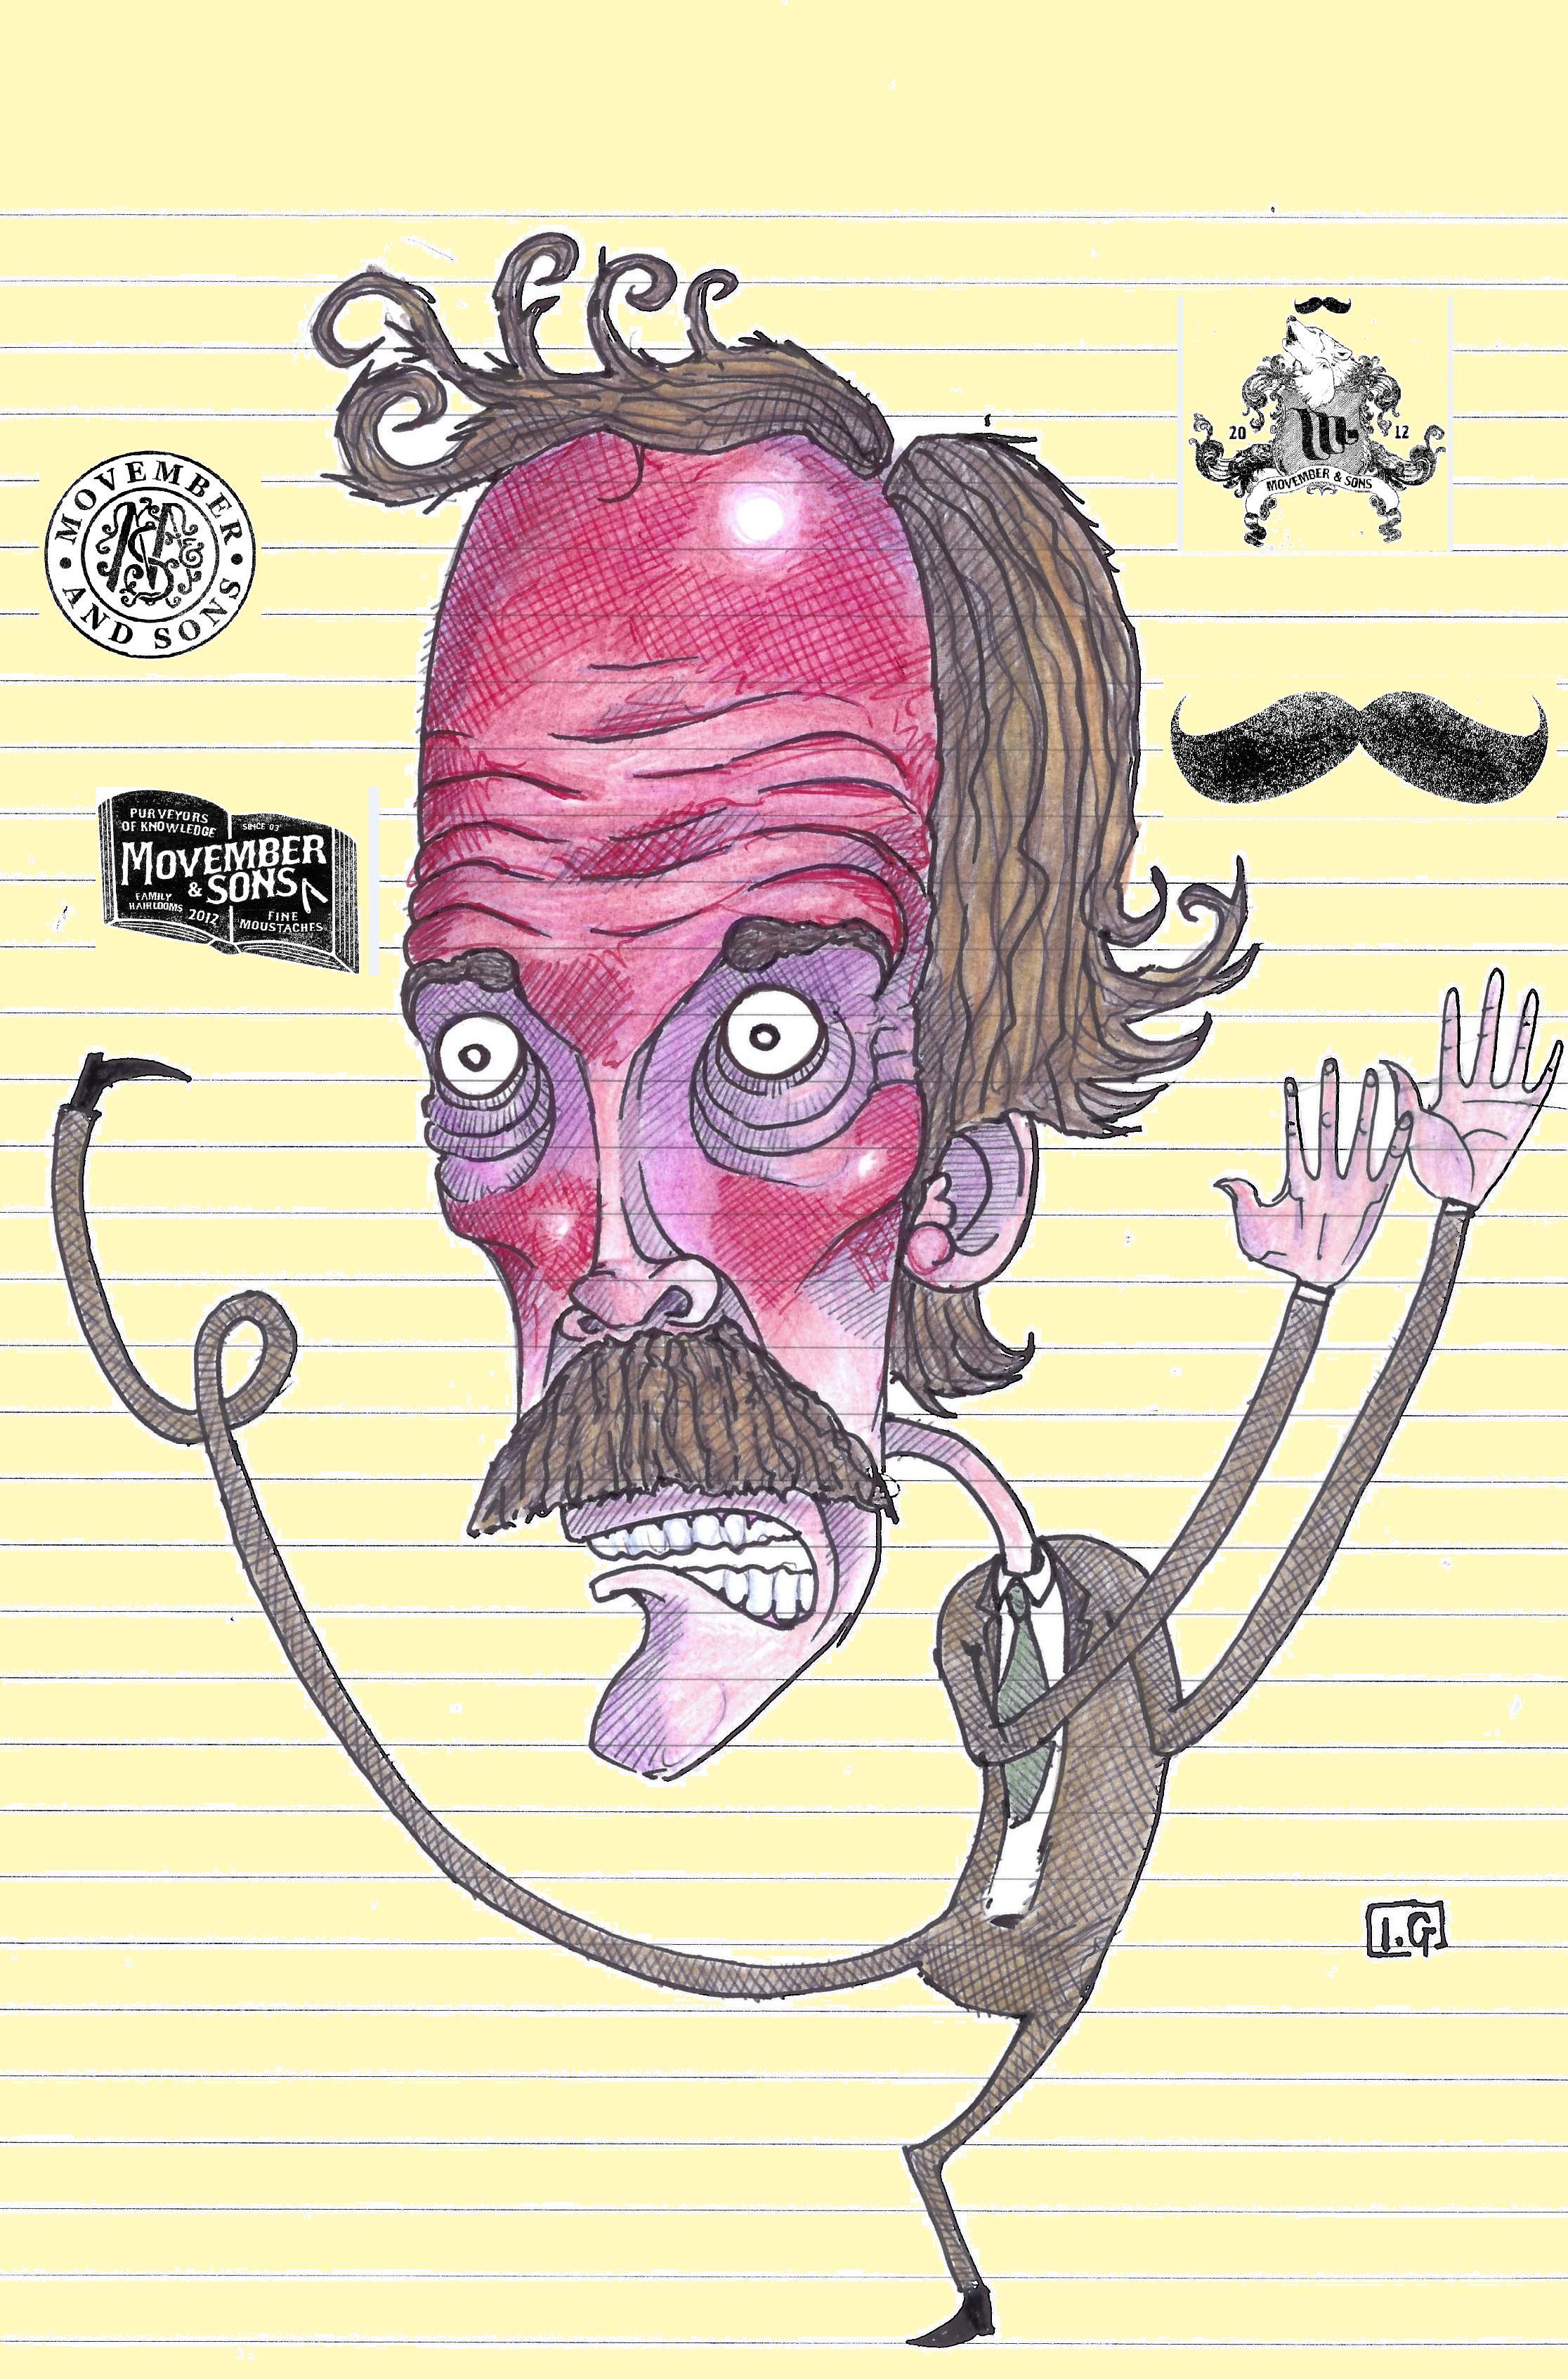 2012-11-01-E:\Cleese colour (Mo logos).jpg-CleesecolourMologos.jpg